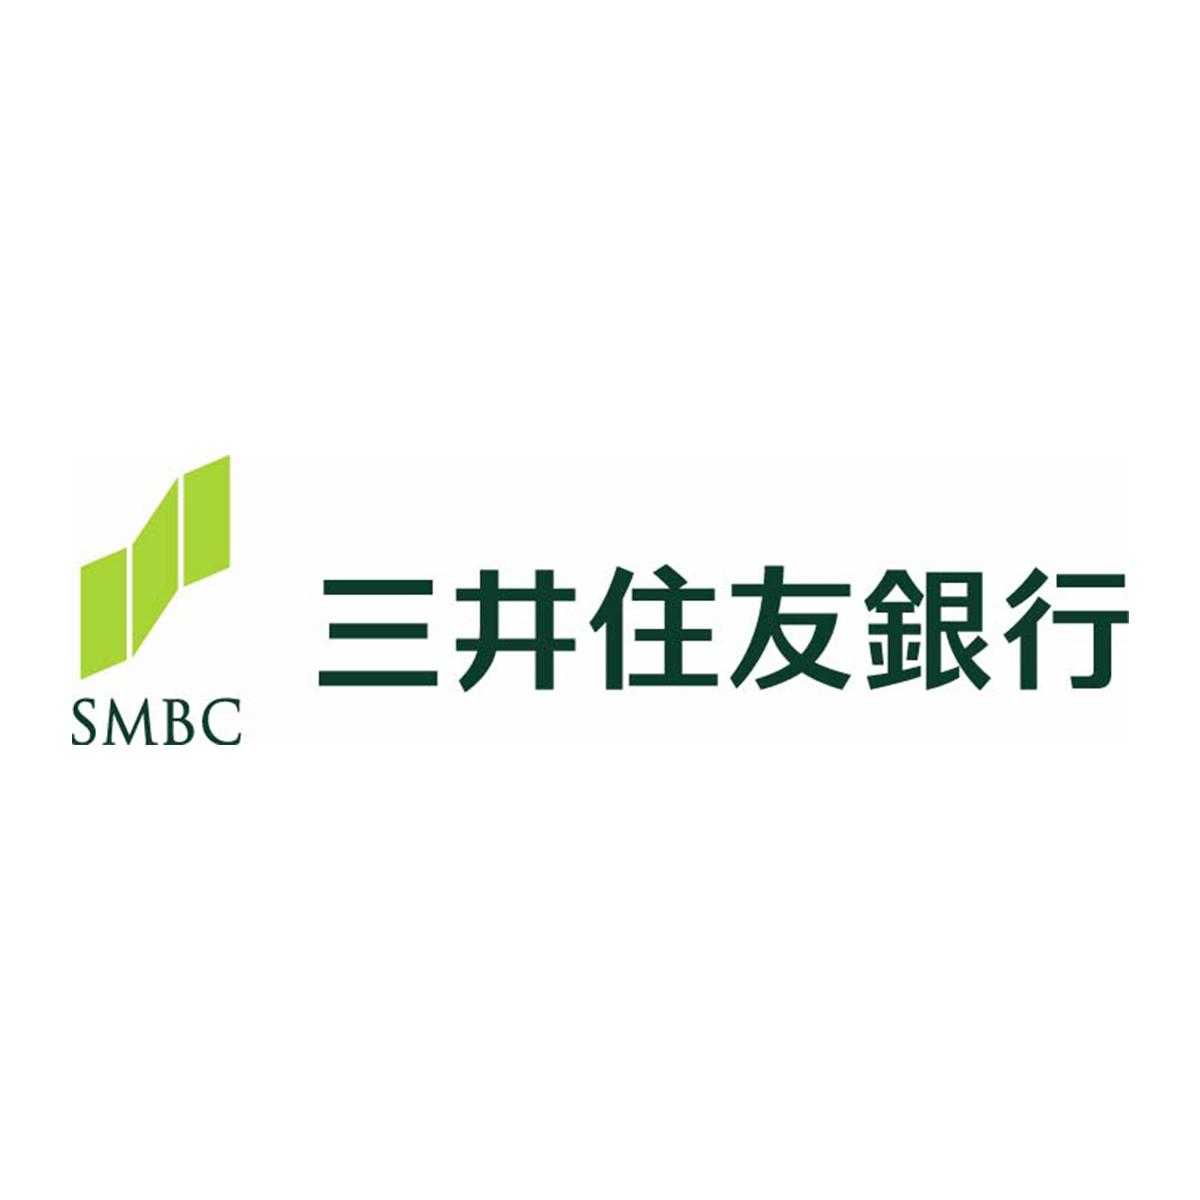 日本三井住友银行为老人介绍律师 帮助老年人管理财产